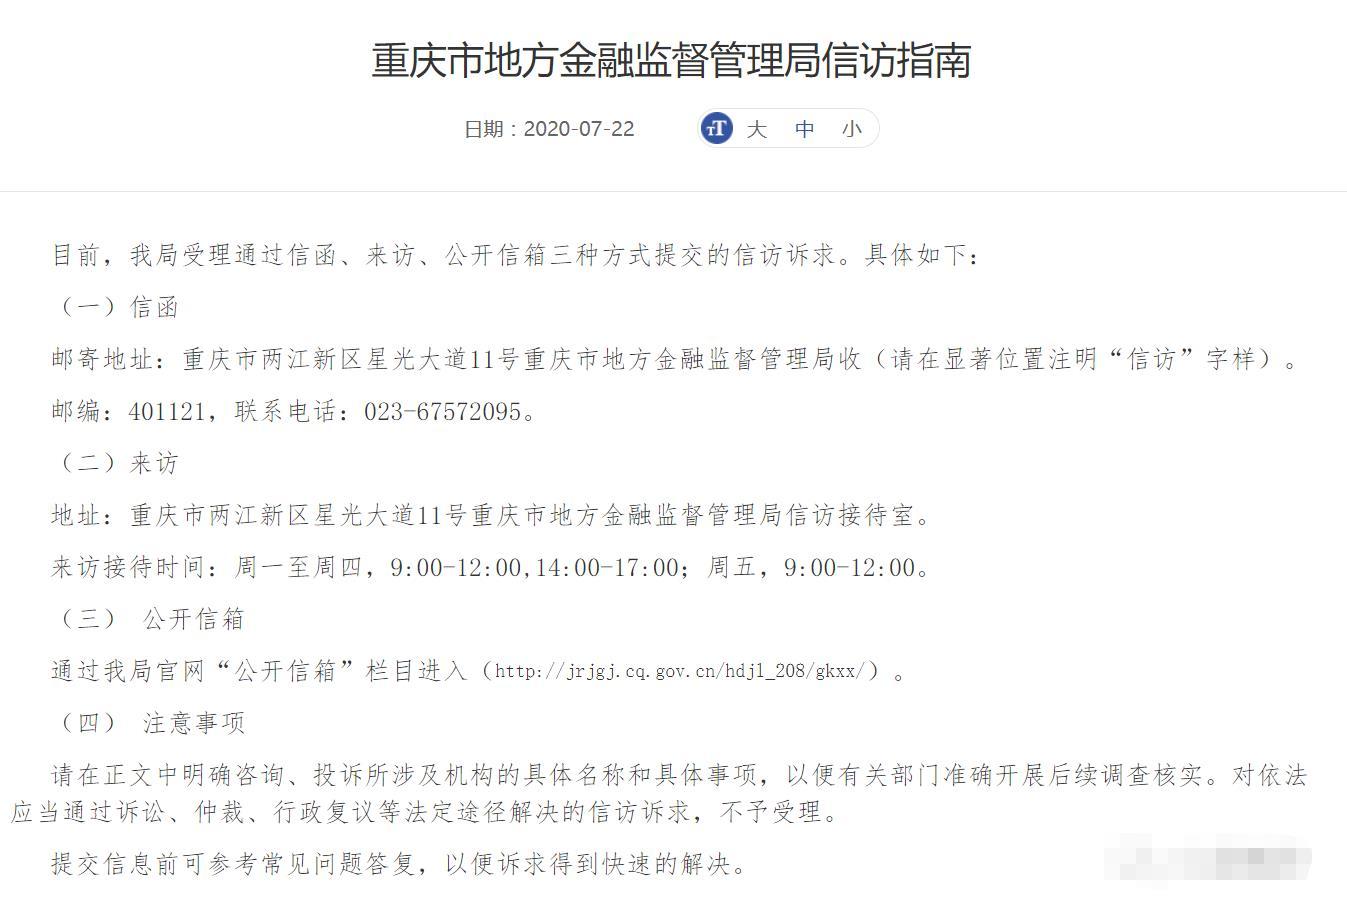 """【曝光】""""牧融世家""""竟然用POS机收款,意图拿消费掩盖""""非法集资""""行为!"""